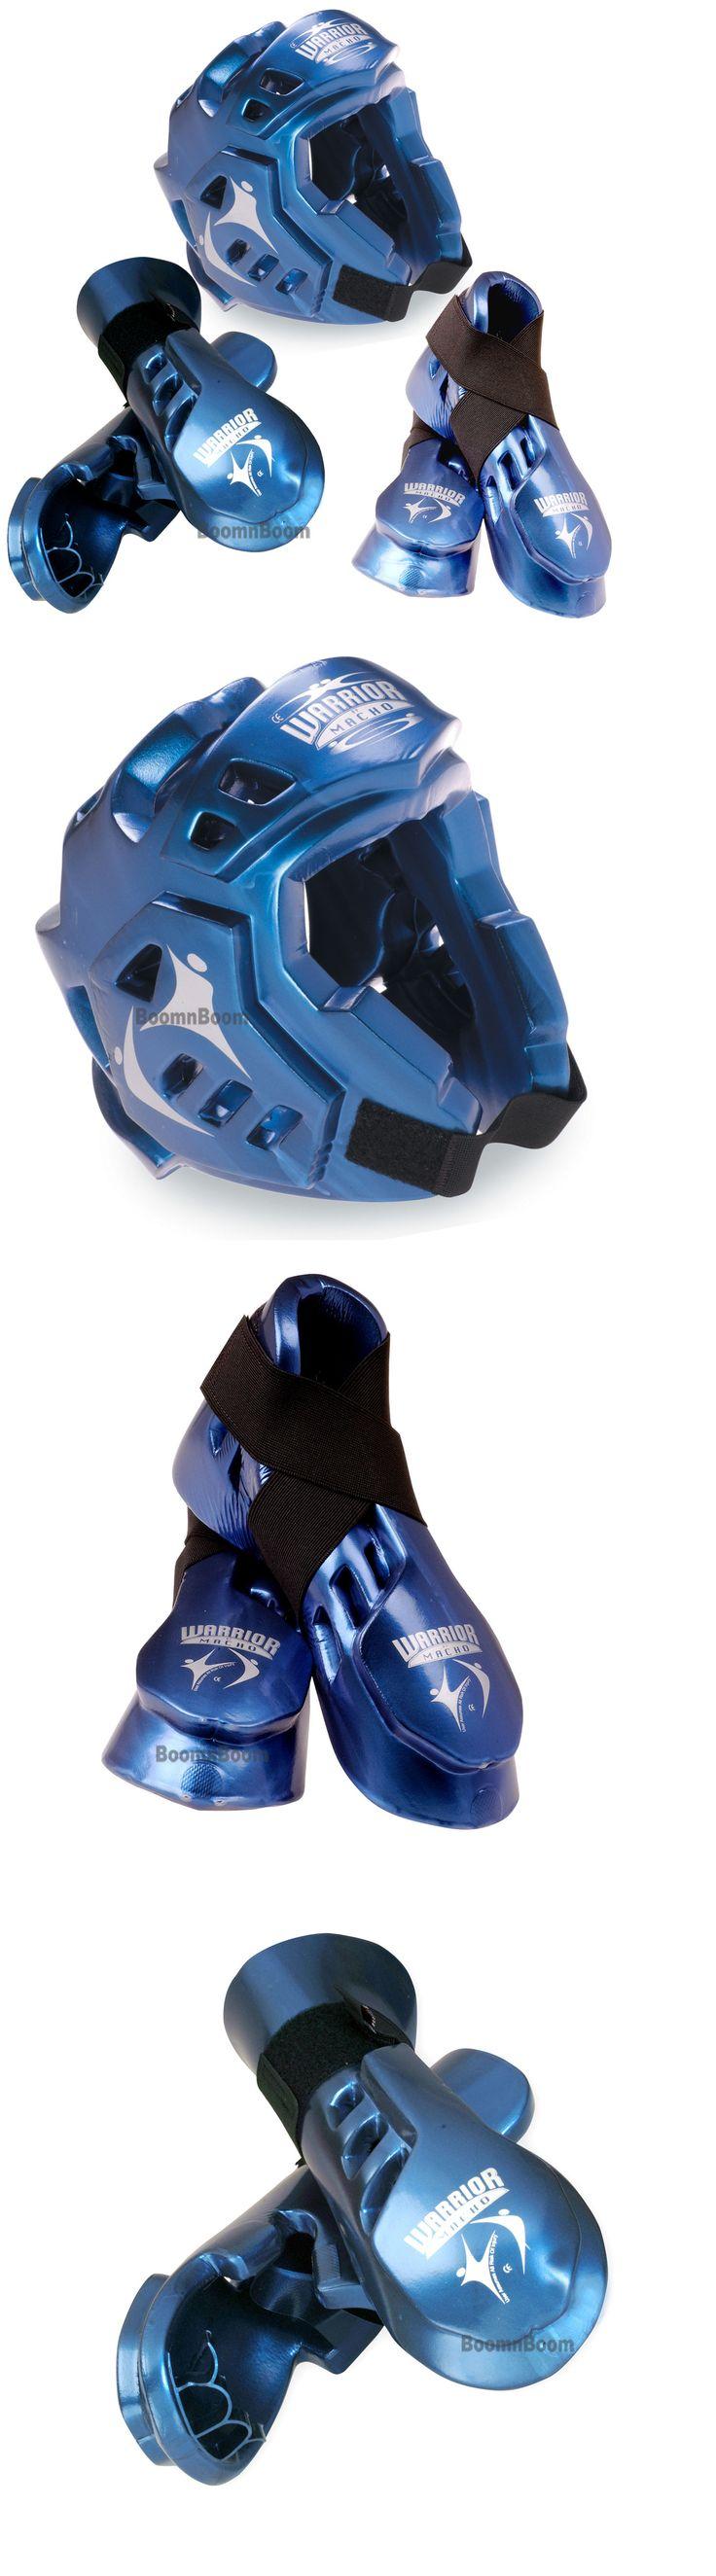 Head Gear 179780: New Taekwondo,Karate Mma Headgear,Hand,Foot Macho Warrior Sparring Gear Set-Blue -> BUY IT NOW ONLY: $106.99 on eBay!